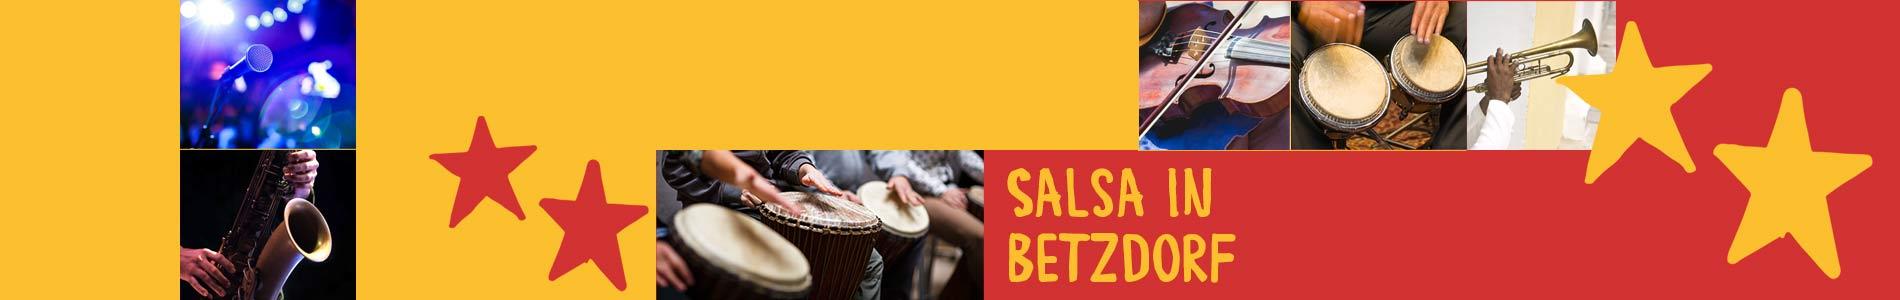 Salsa in Betzdorf – Salsa lernen und tanzen, Tanzkurse, Partys, Veranstaltungen